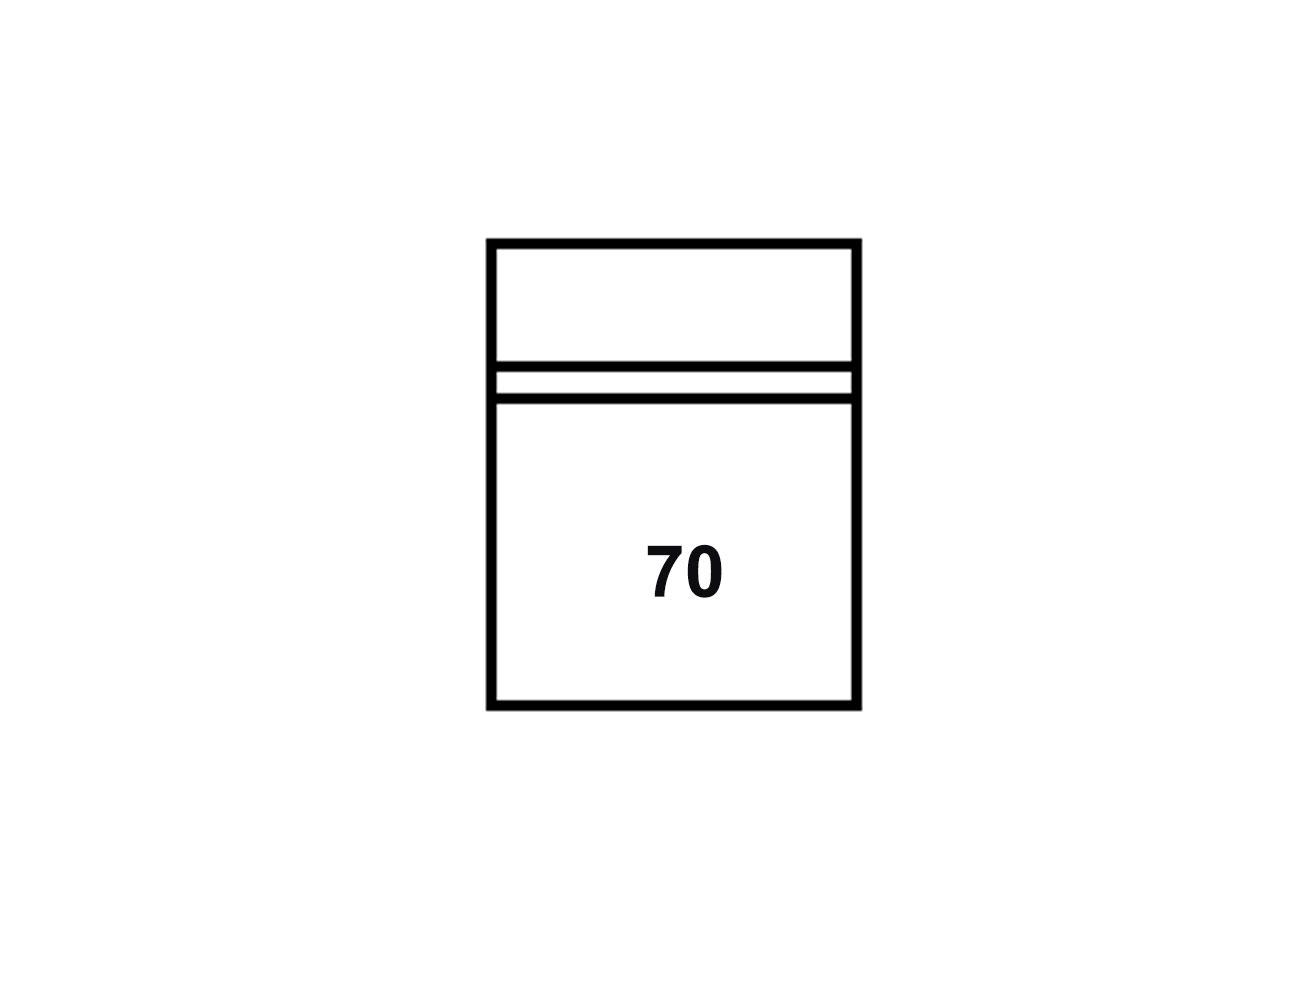 Modulo 1p 7010